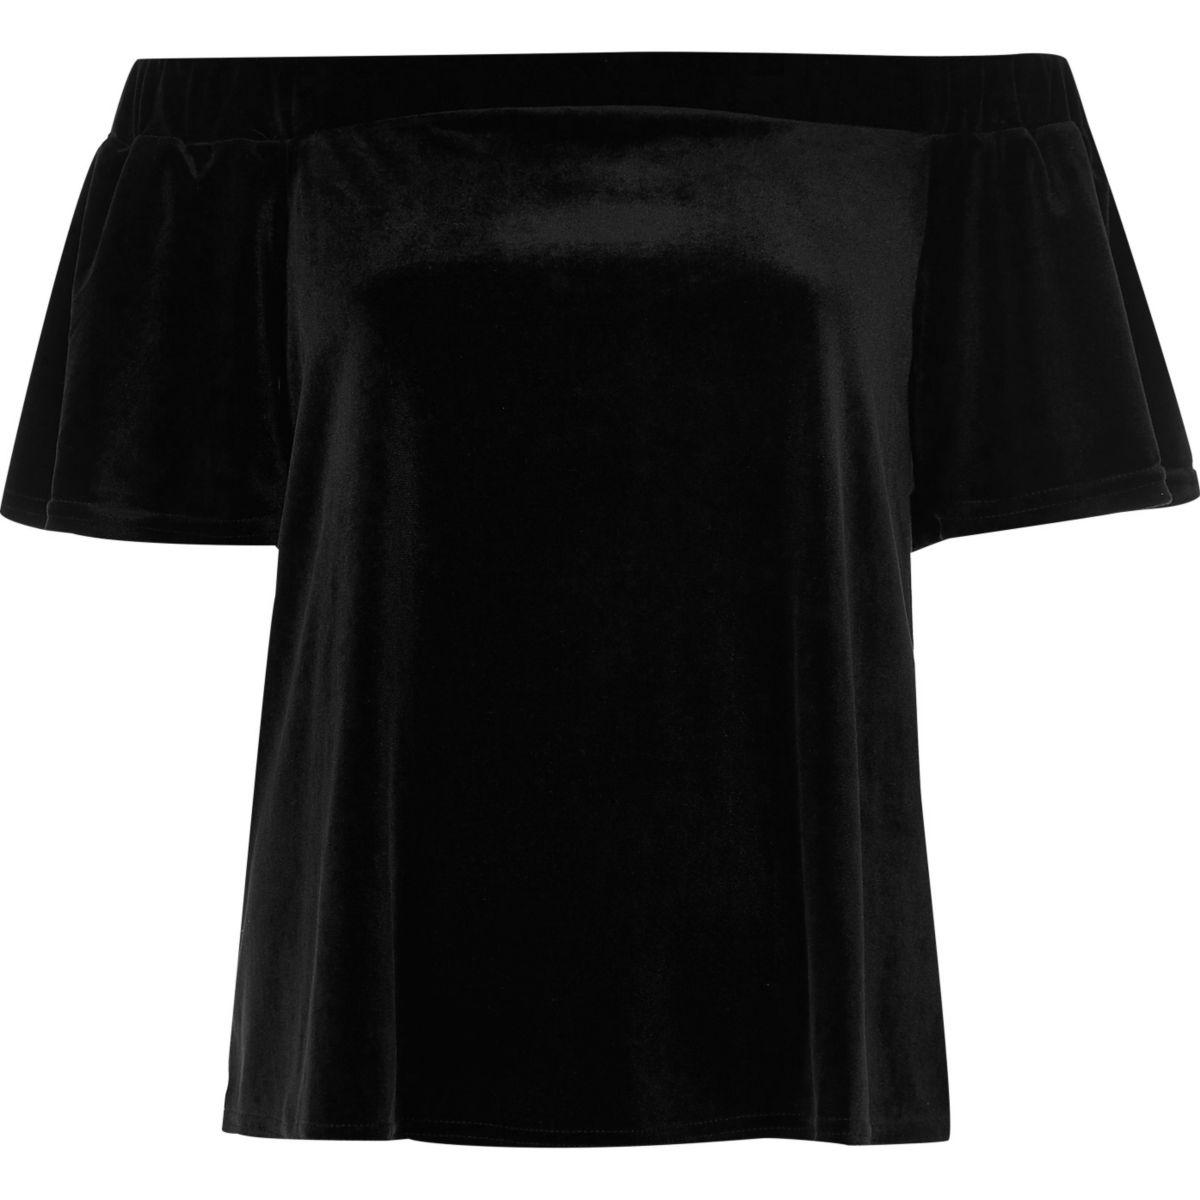 Schwarzes Bardot-Oberteil aus Samt